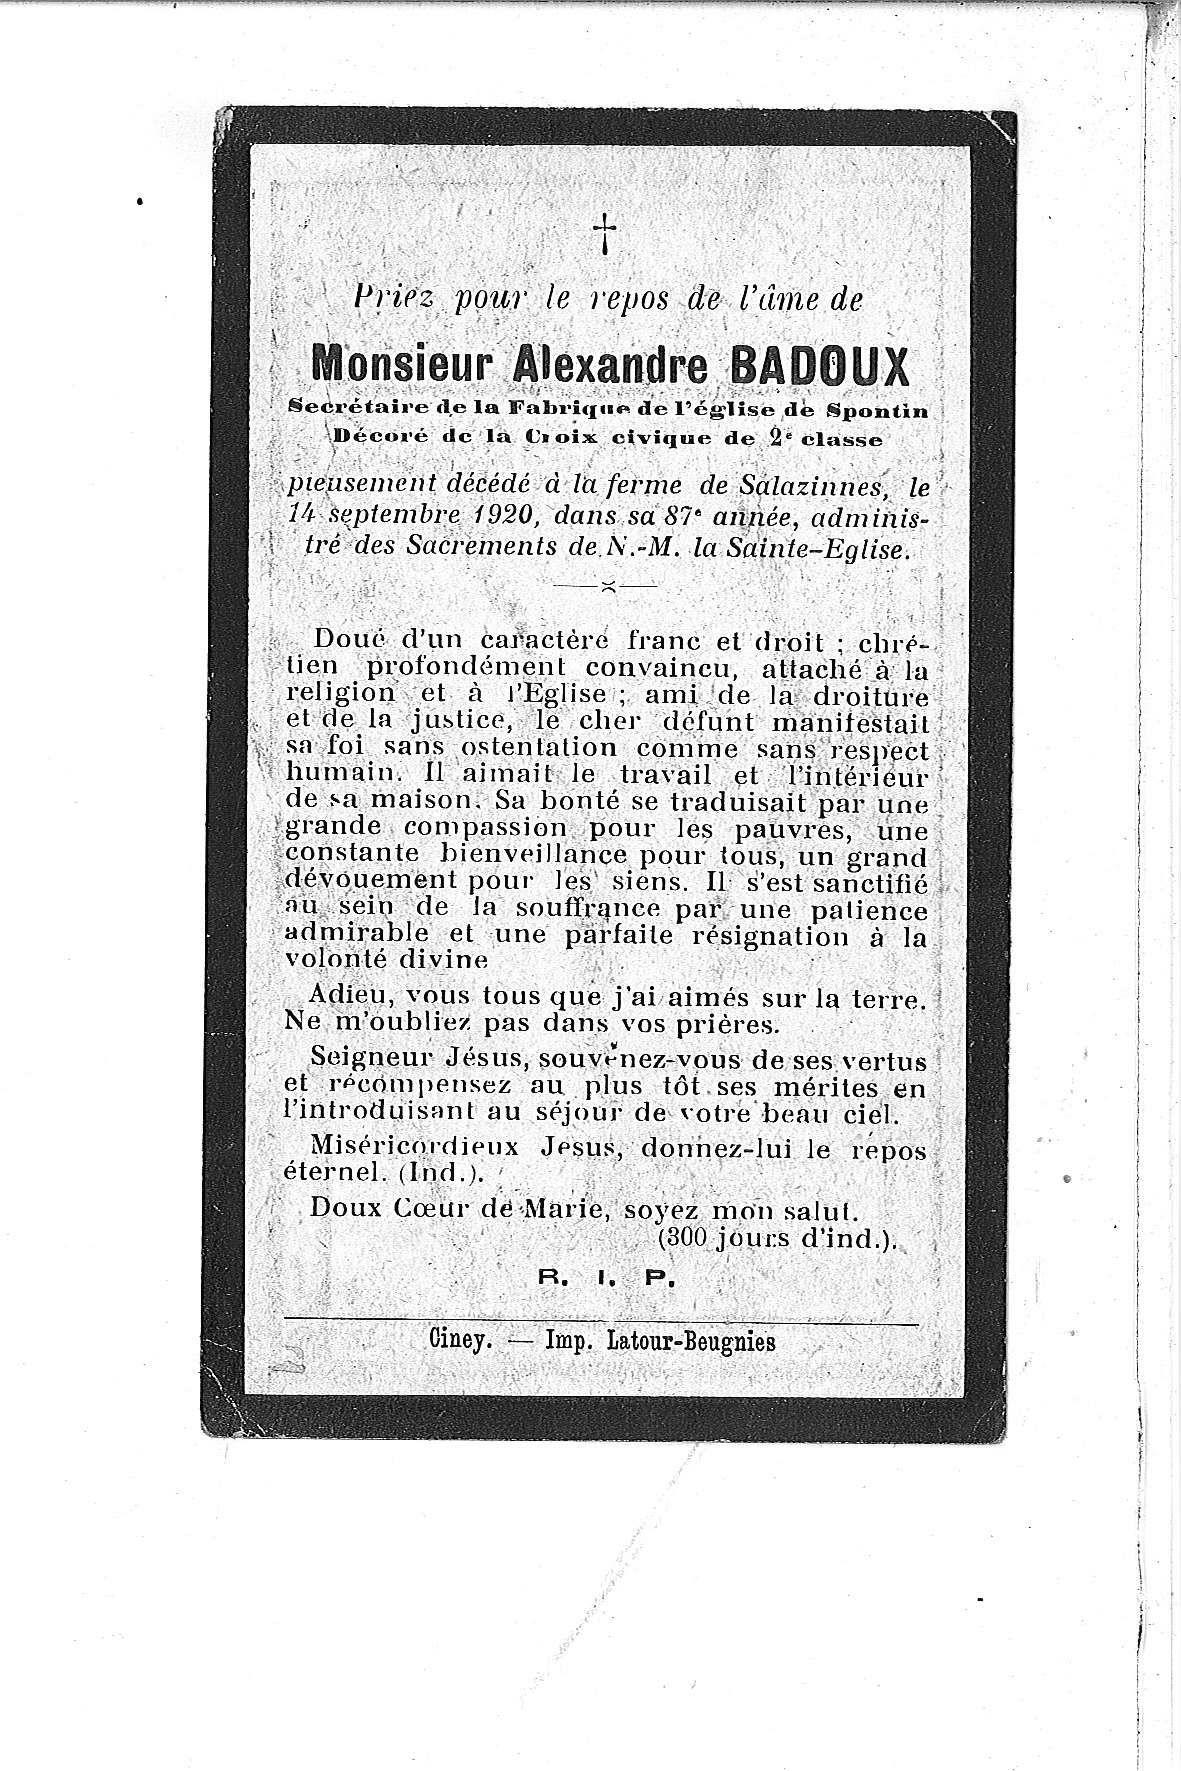 Alexandre(1920)20100927120012_00036.jpg